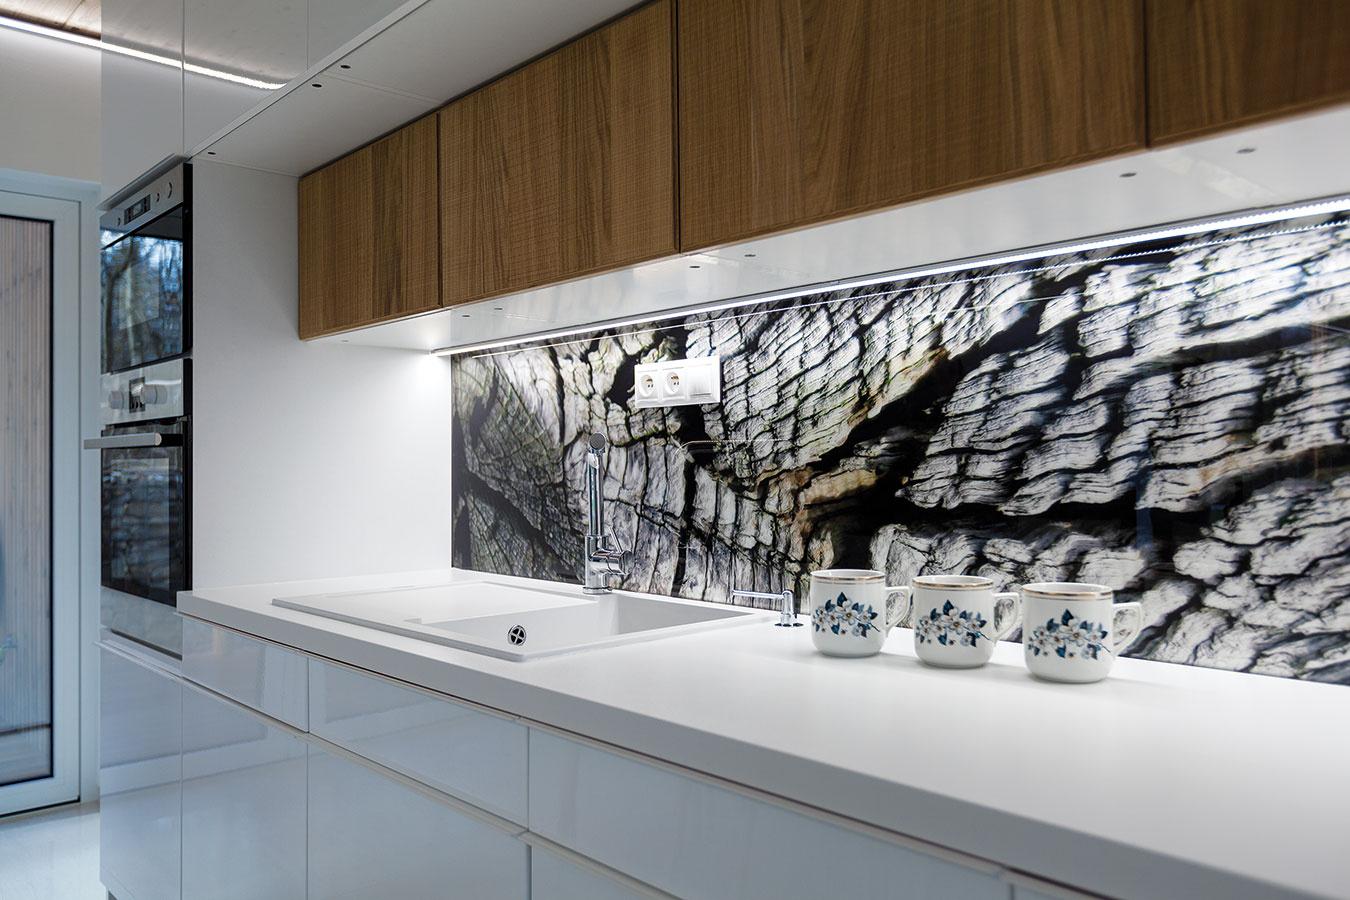 Kuchynská zástena je odkazom na prostredie, v ktorom sa dom nachádza. So stromami za oknom je tak interiér a dokonale prepojený s exteriérom.